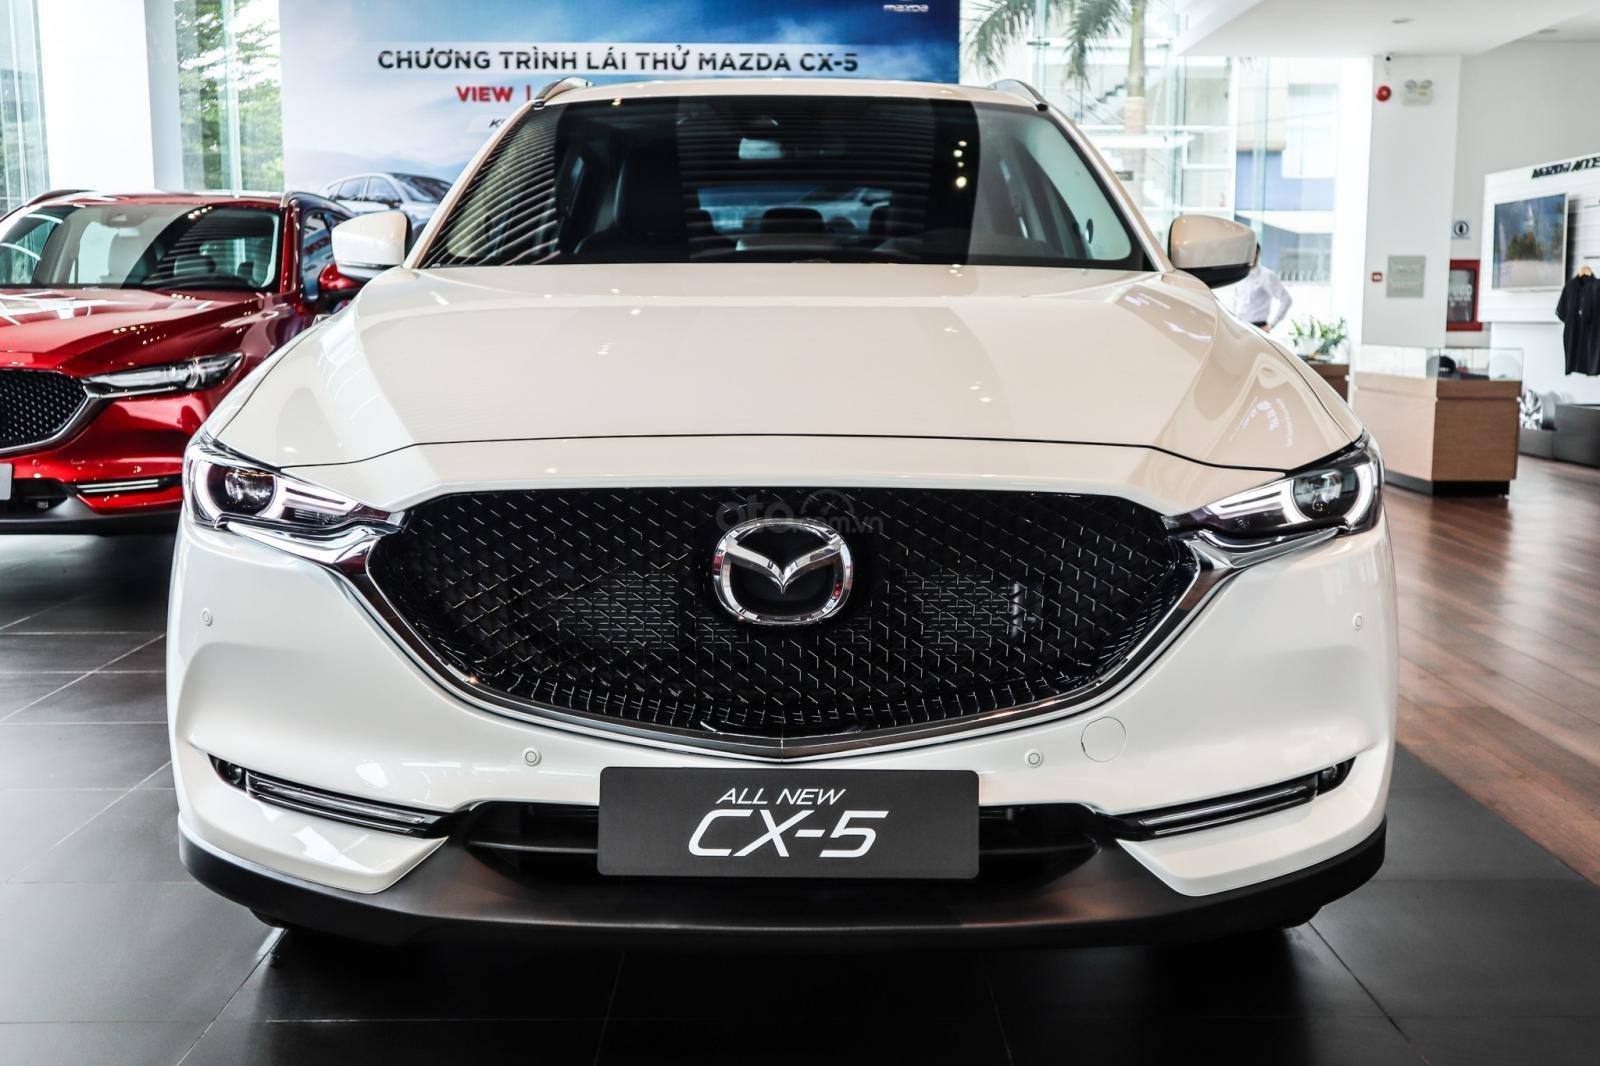 Bán Mazda CX5 đẳng cấp thời thượng, là sự lựa chọn thông minh và giá hợp lý (2)